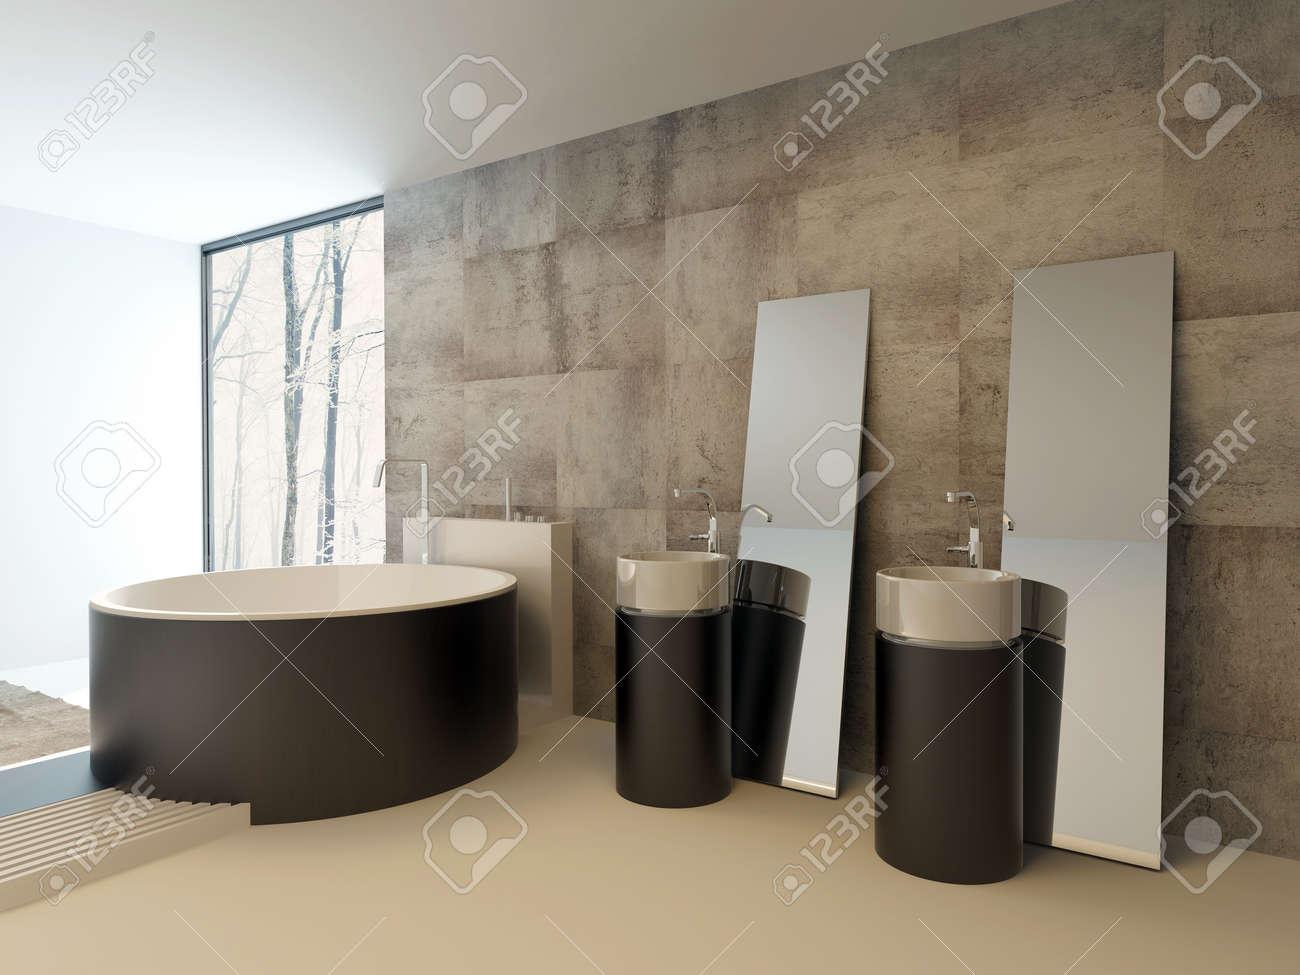 bagno moderno grigio. bagno play con finitura laccato lucido ... - Bagni Moderni Marroni